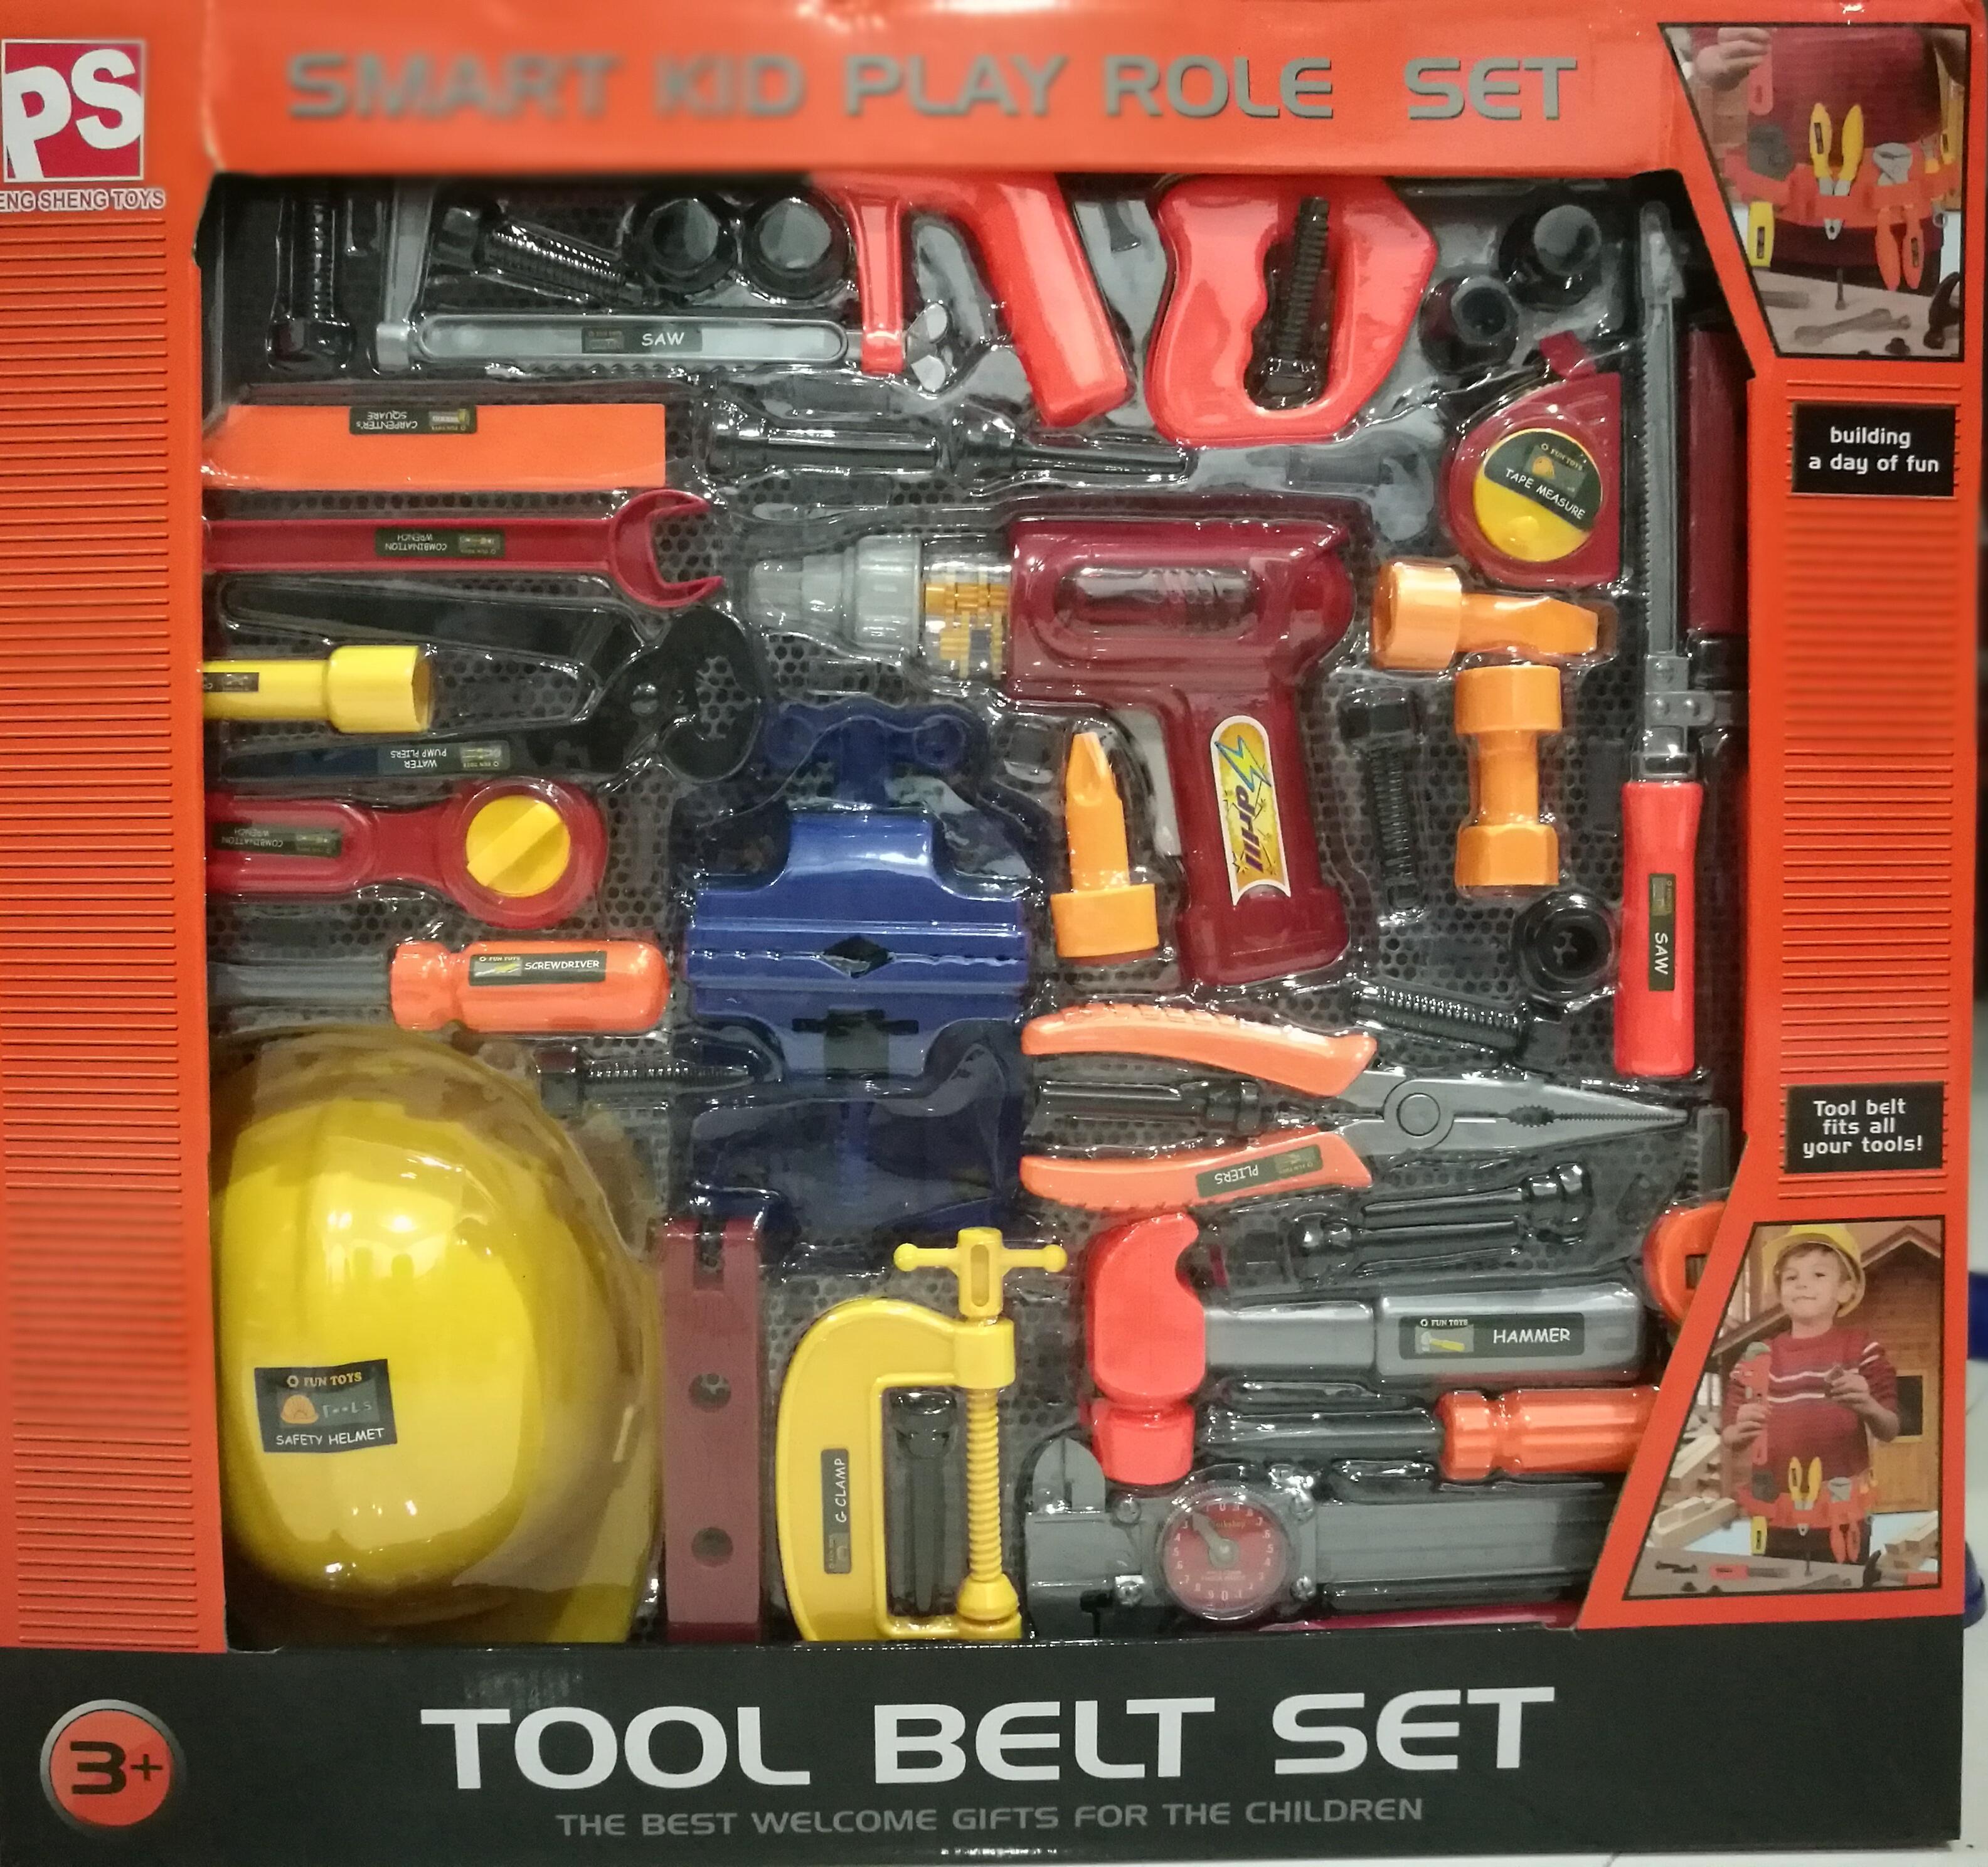 ชุดเครื่องมือช่่าง Tool belt set กล่องใหญ่ อุปกรณ์ 42 ชิ้น ส่งฟรี (ขายดีมาก)